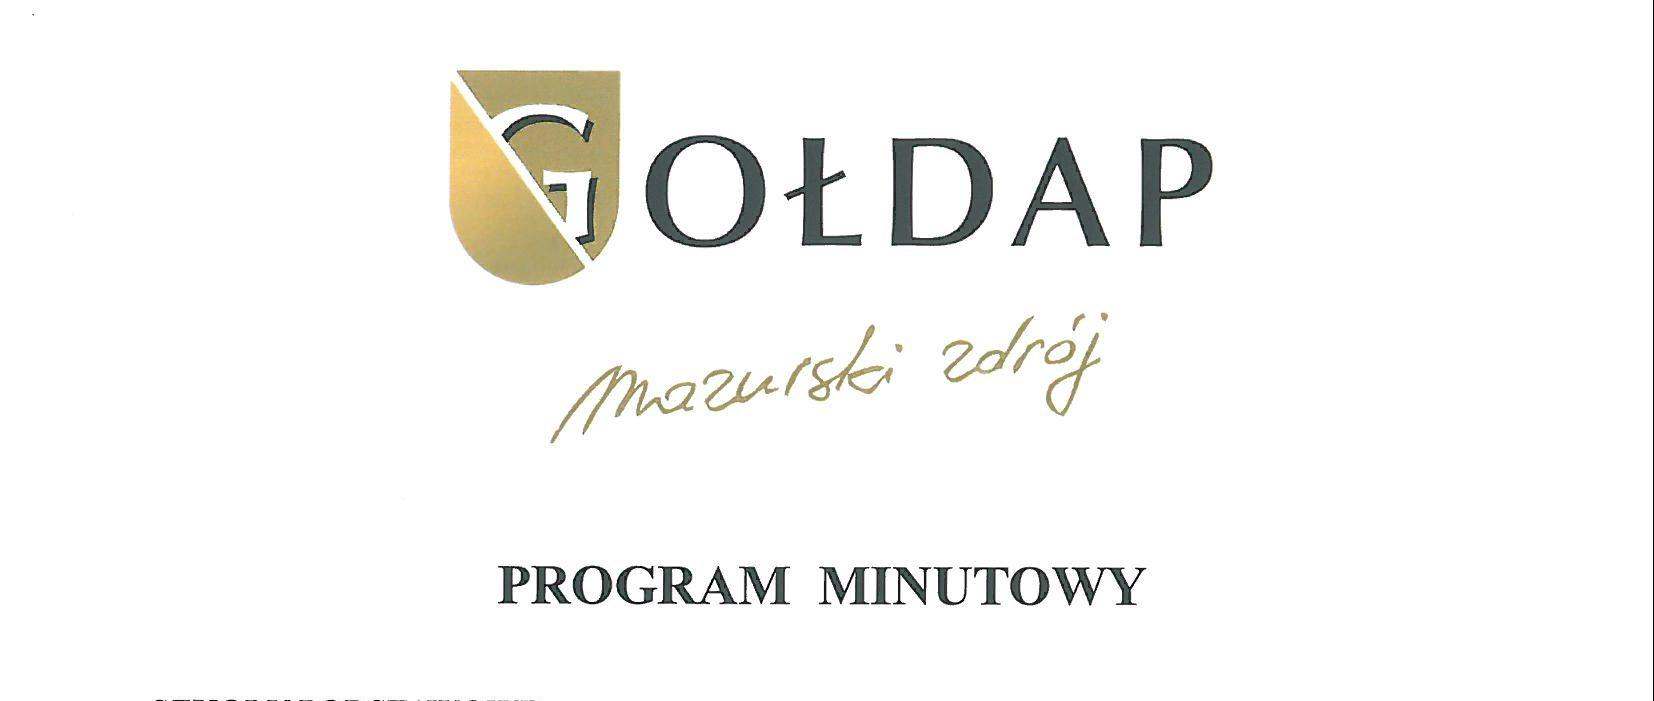 SMOSiR-Gold18041210510-e1523526538384